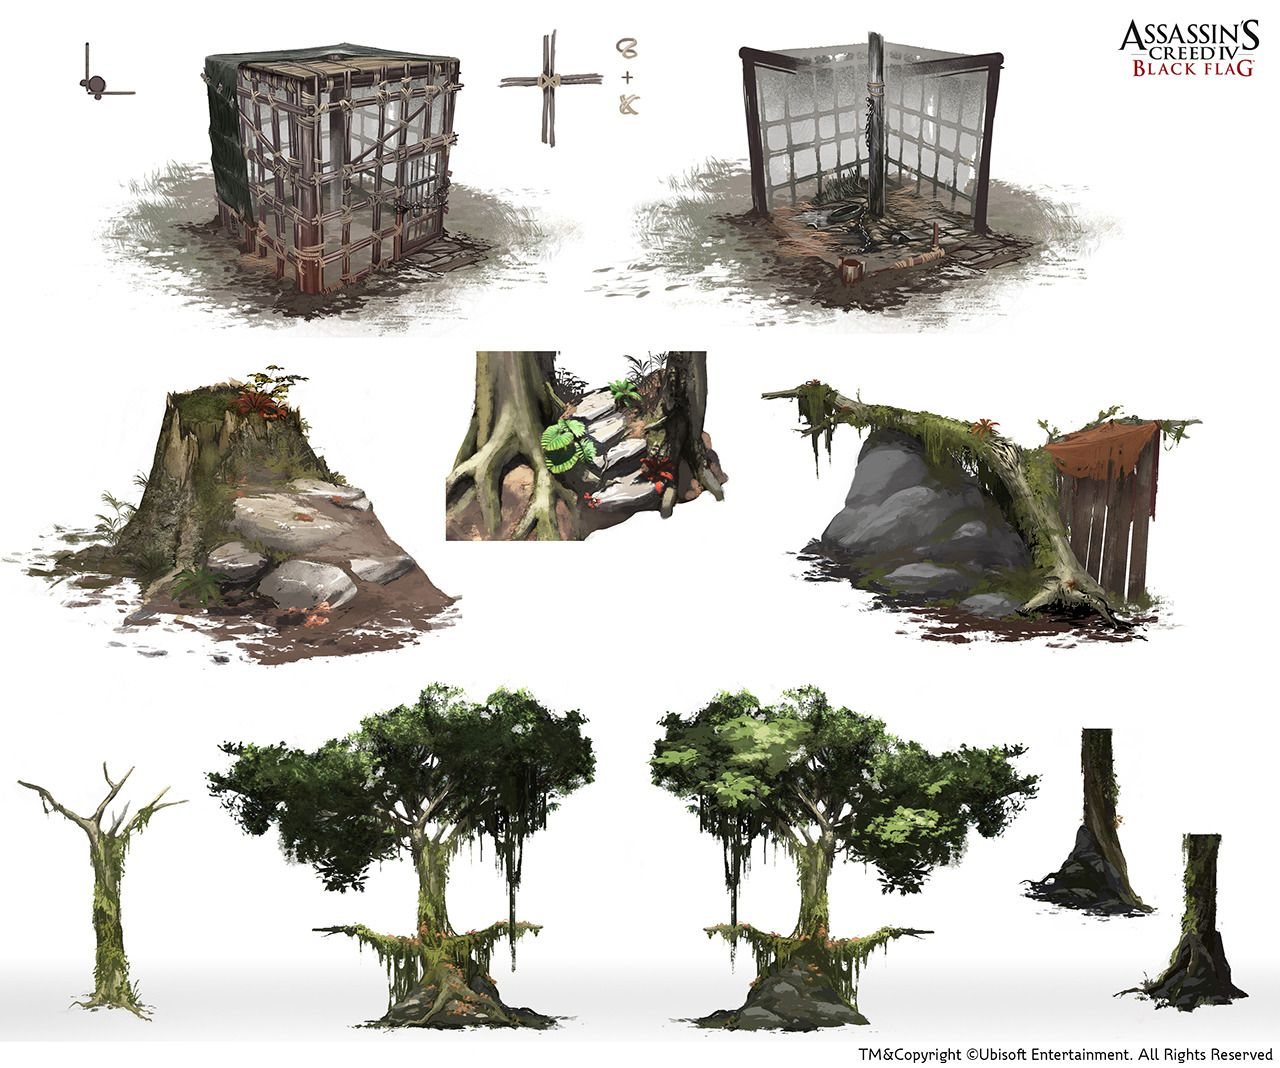 Assassin's_Creed_IV_Black_Flag_concept_art_25_by_Rez.jpg (1280×1068)